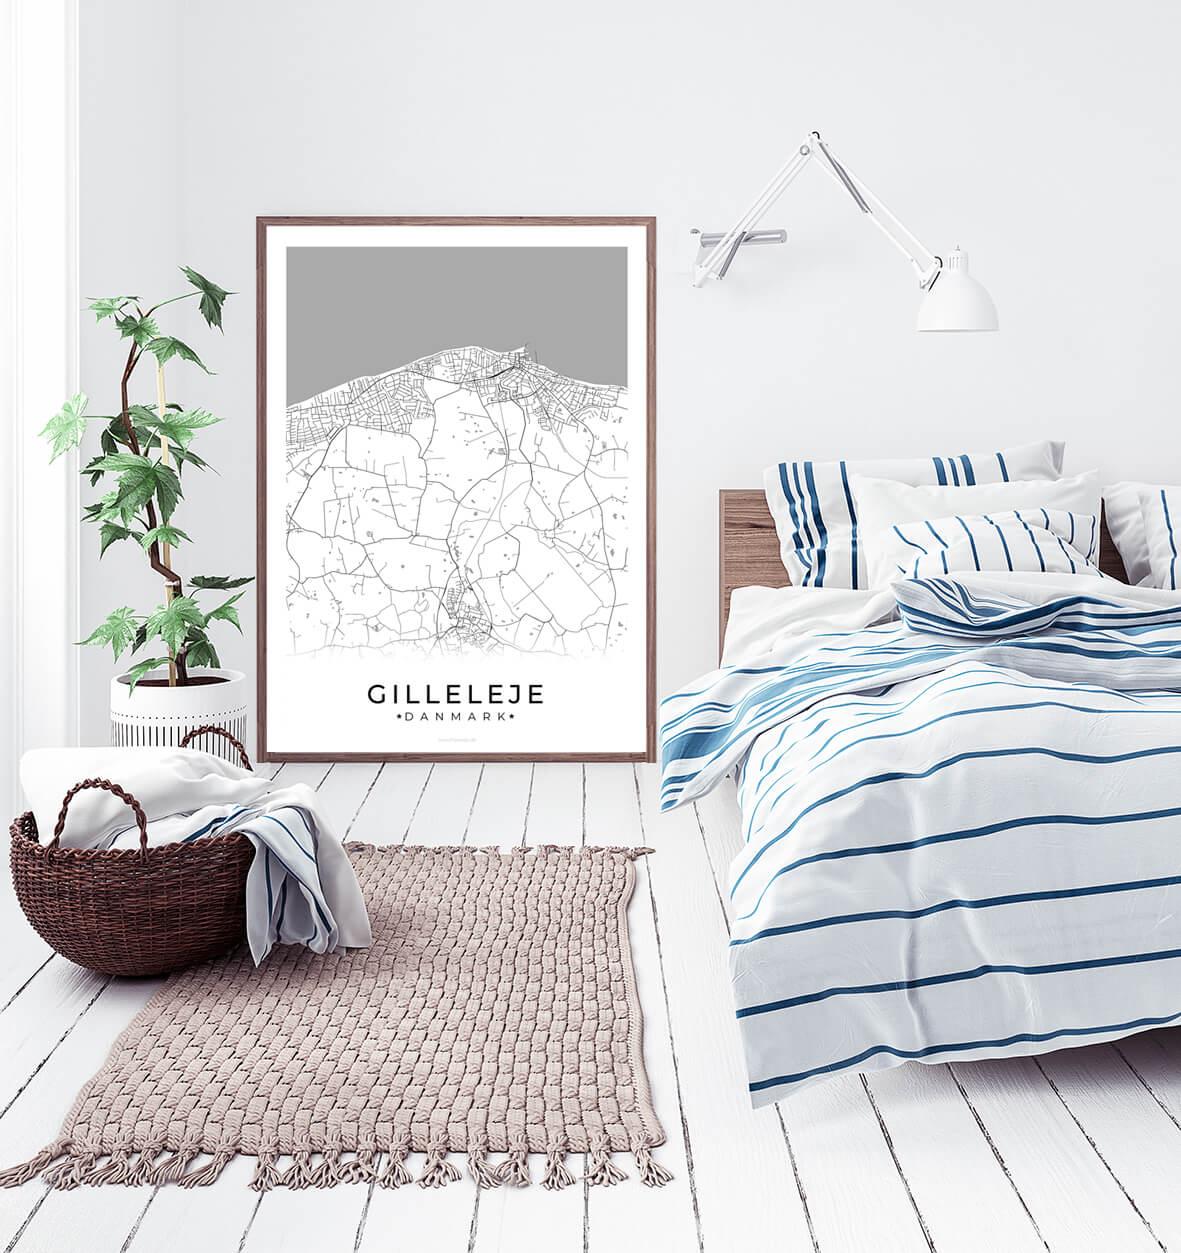 Gilleleje-hvid-byplakat-2